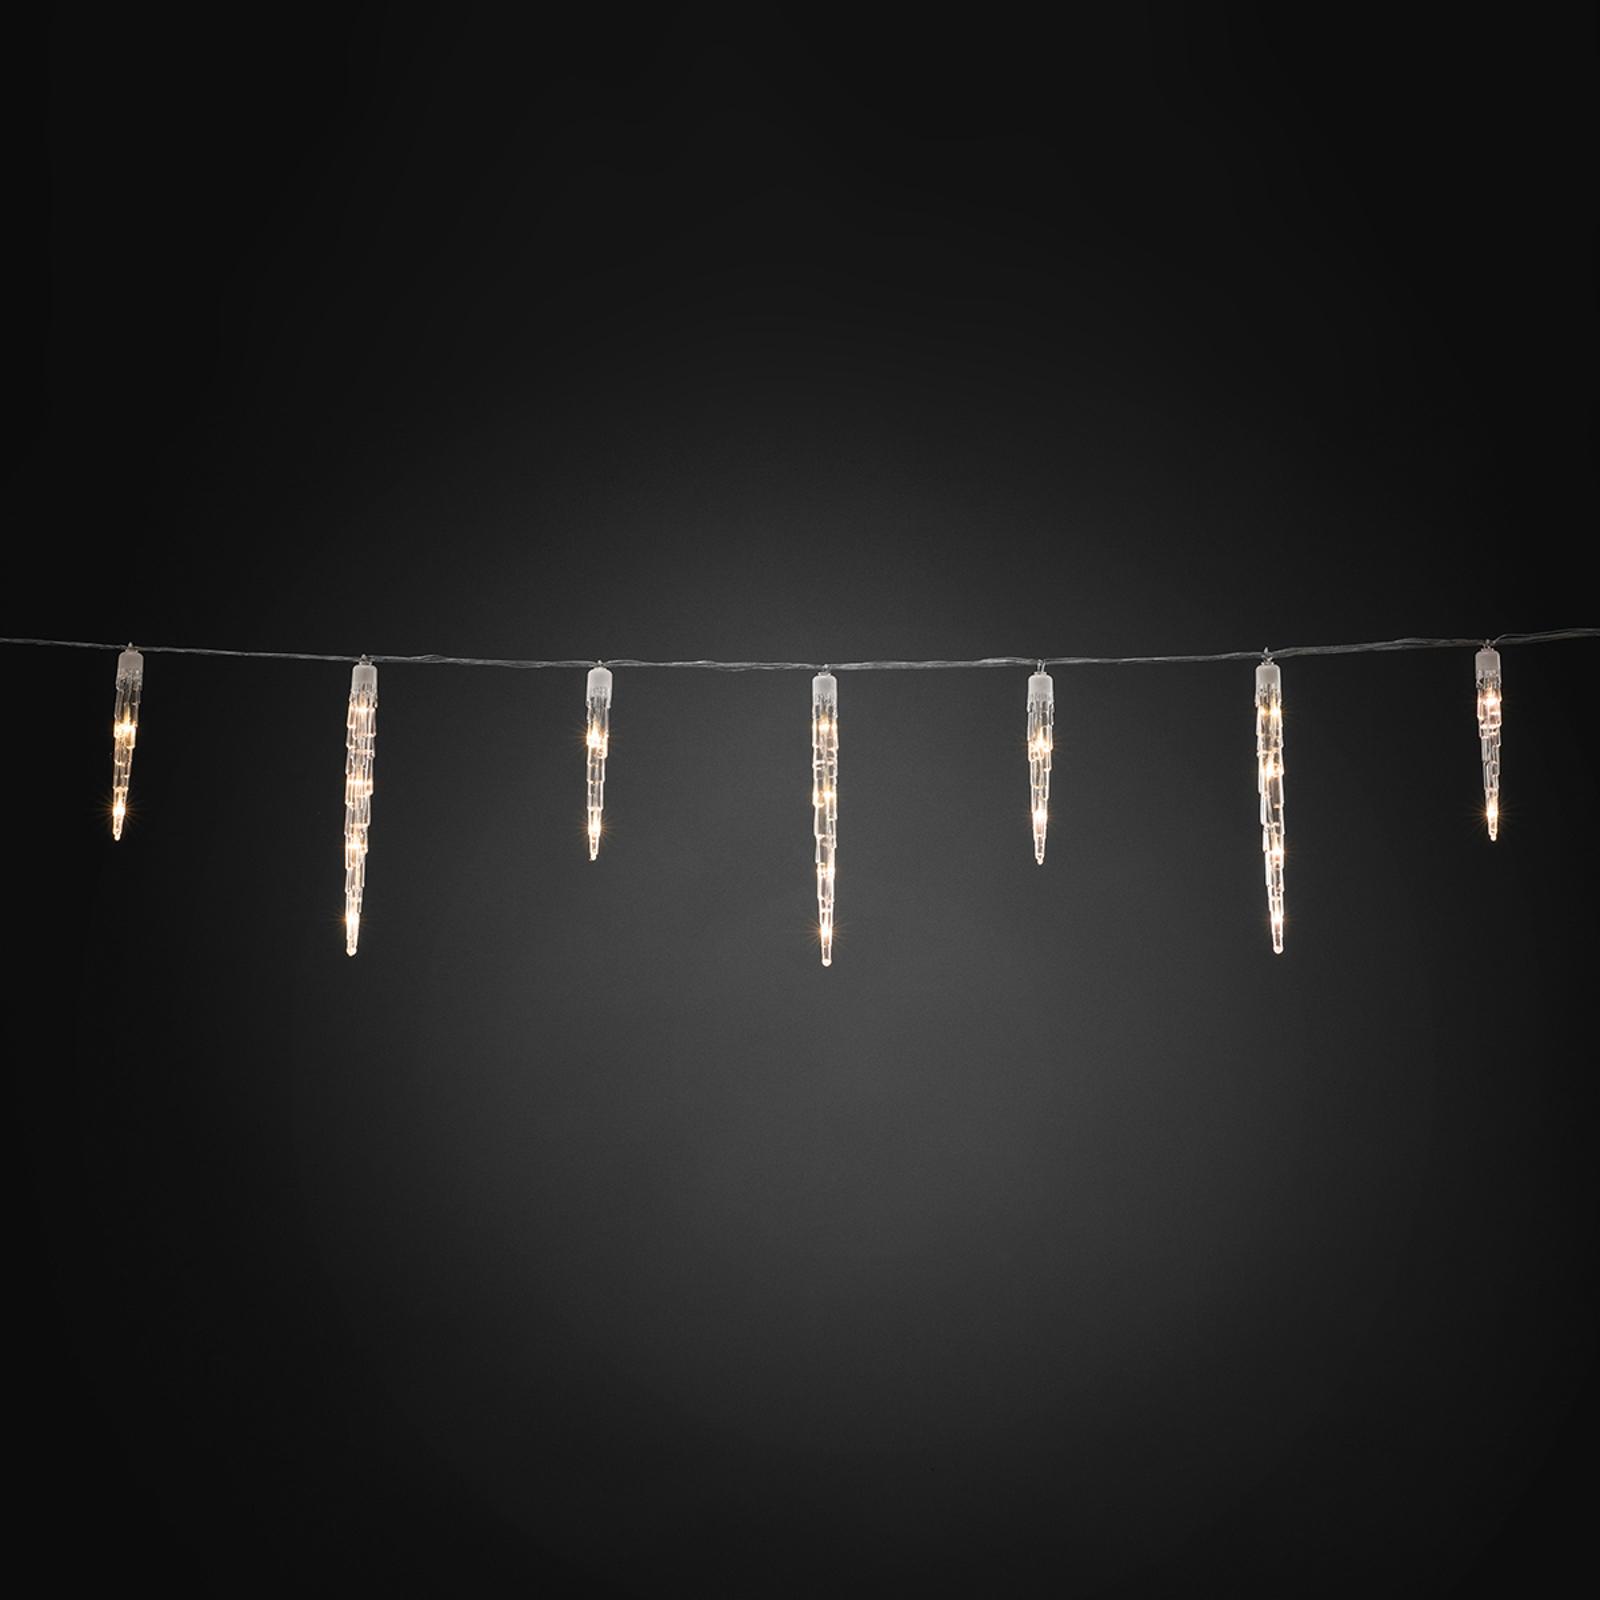 Lichterkette Eiszapfen LED 96-flg